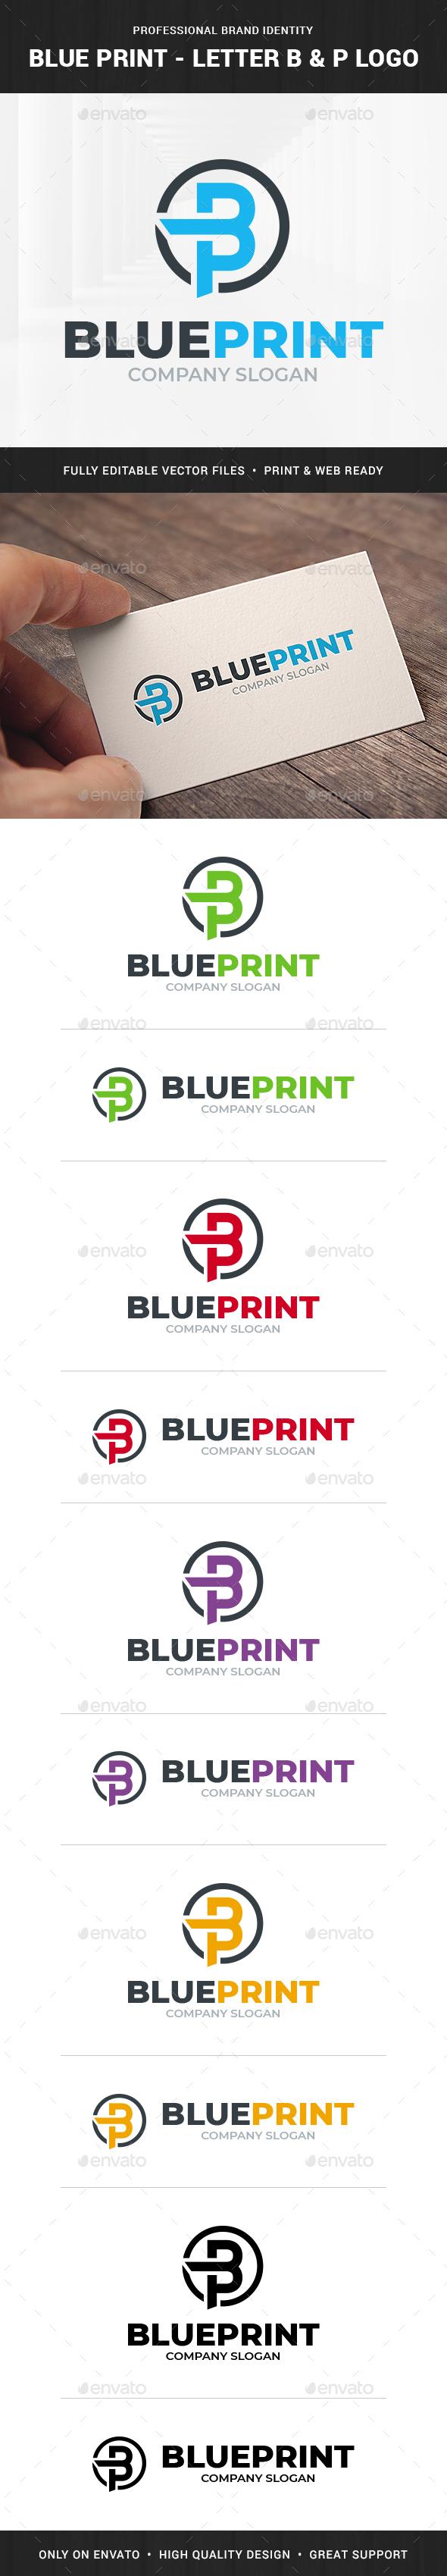 BluePrint - Letter B & P Logo